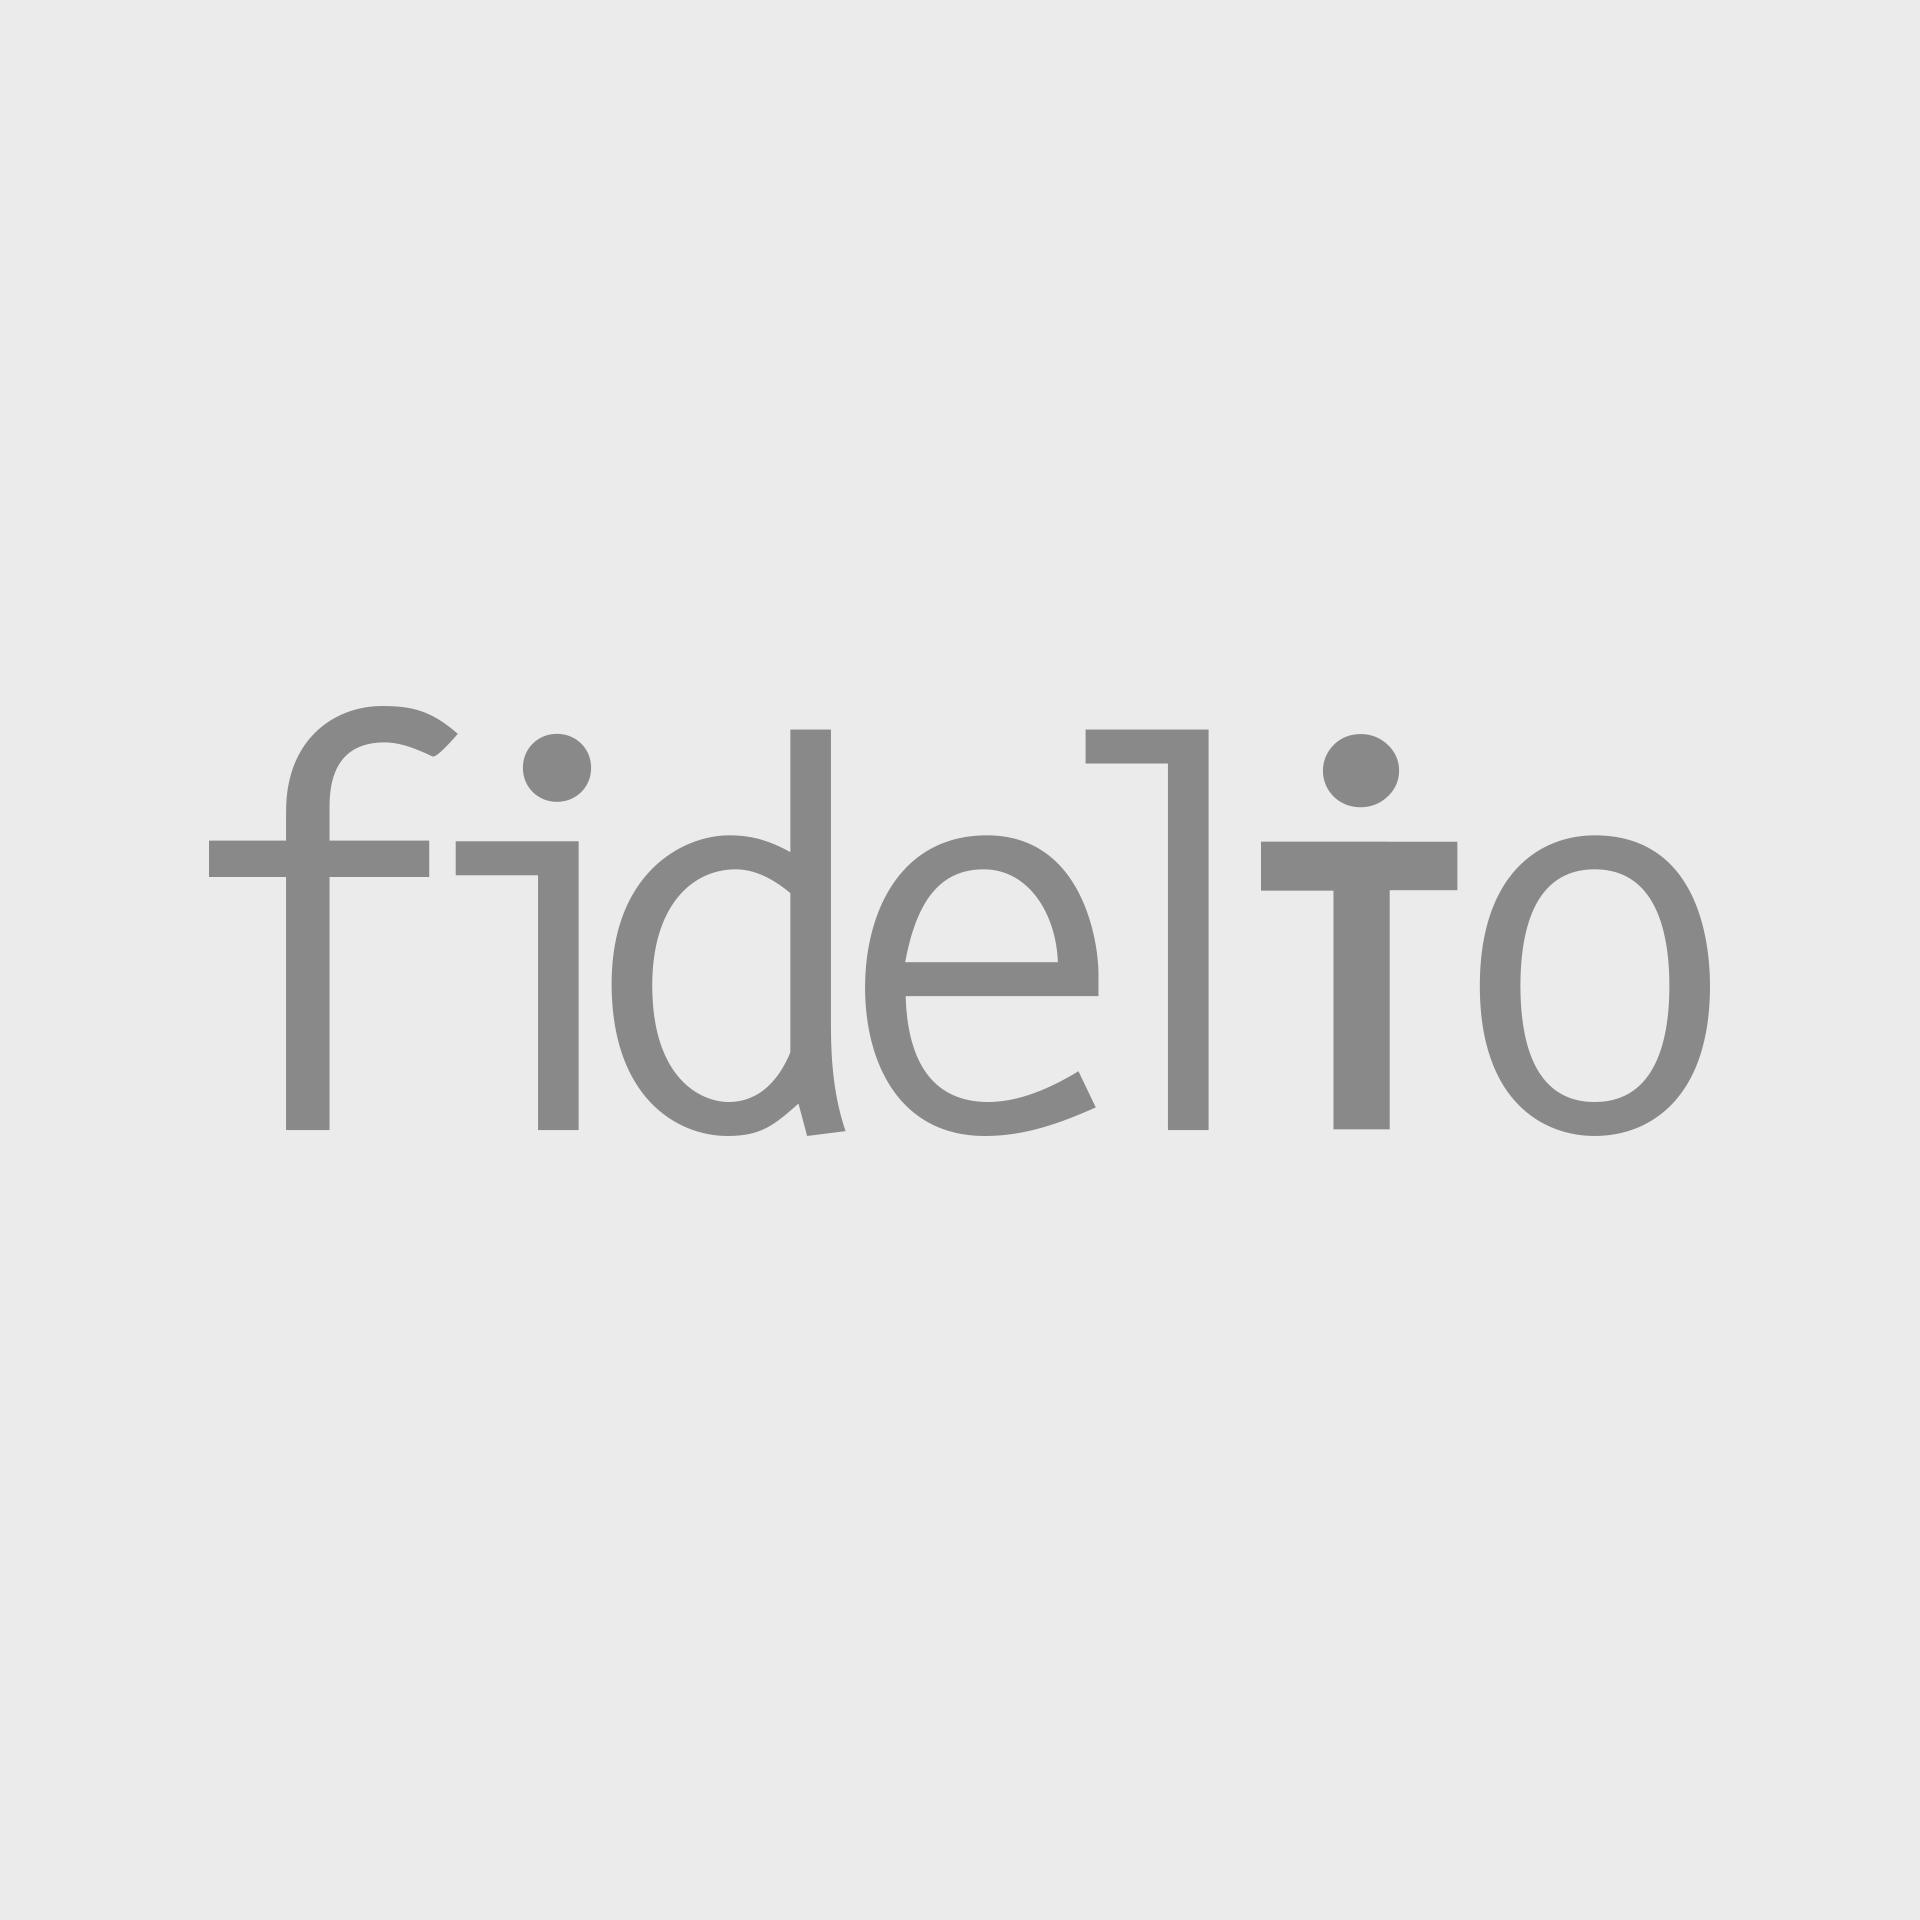 9FEFEFF9-CEE0-4260-8106-A070E2622689